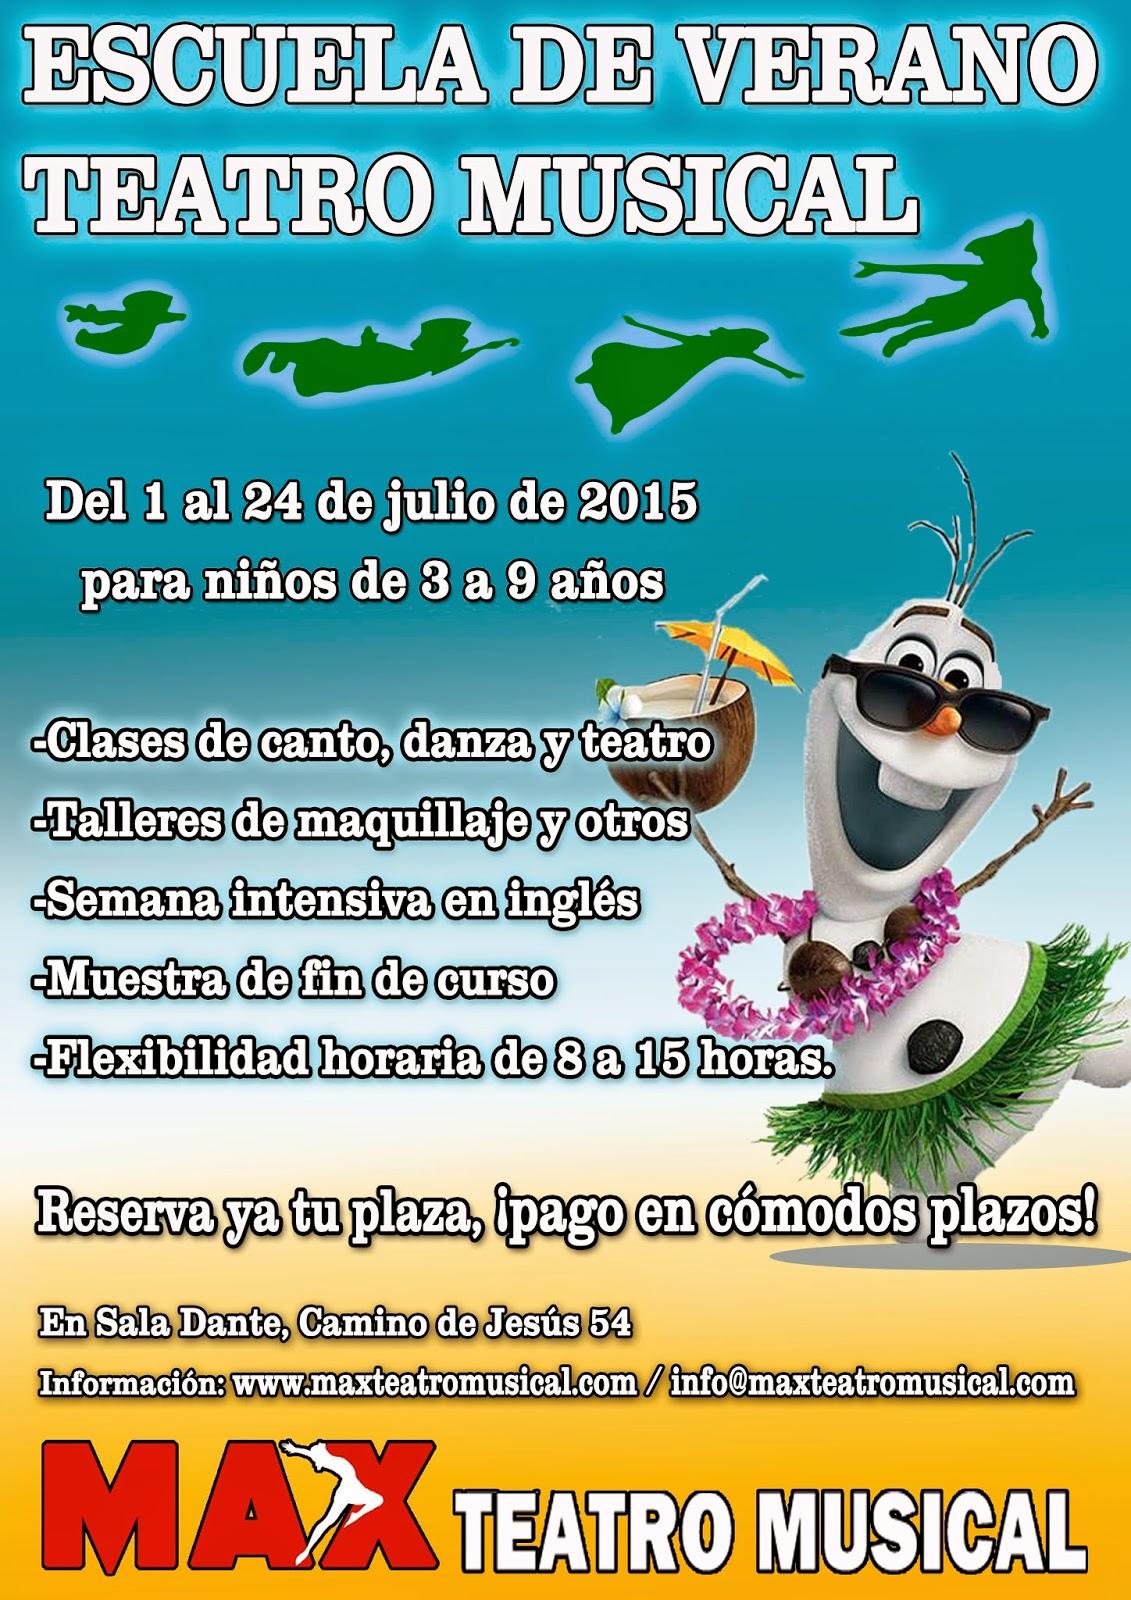 http://www.maxteatromusical.com/p/escuela-de-verano.html